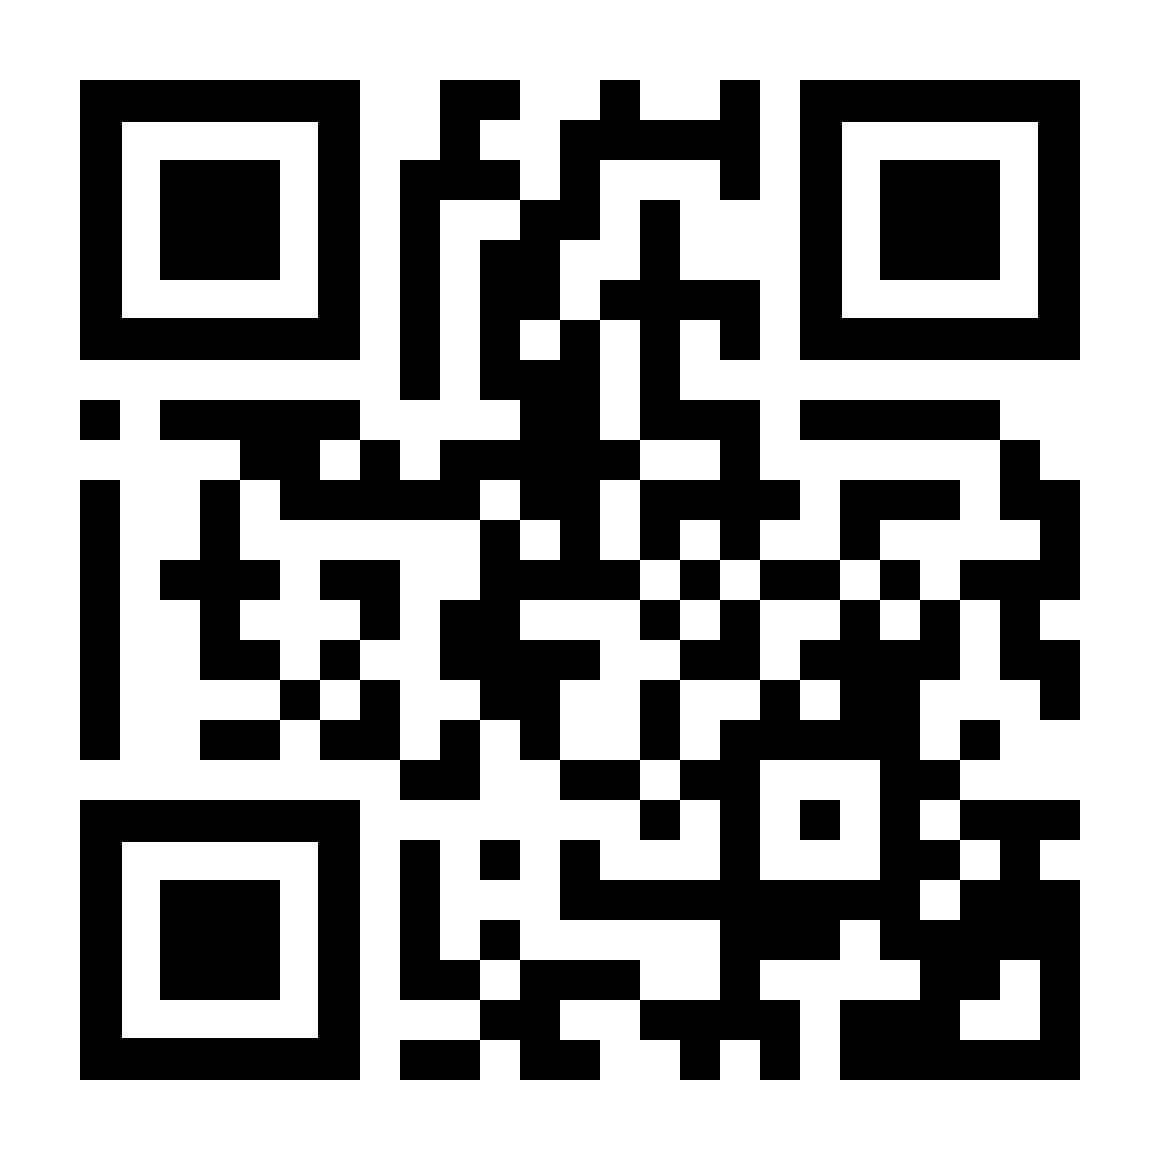 qr Code bewertung Google